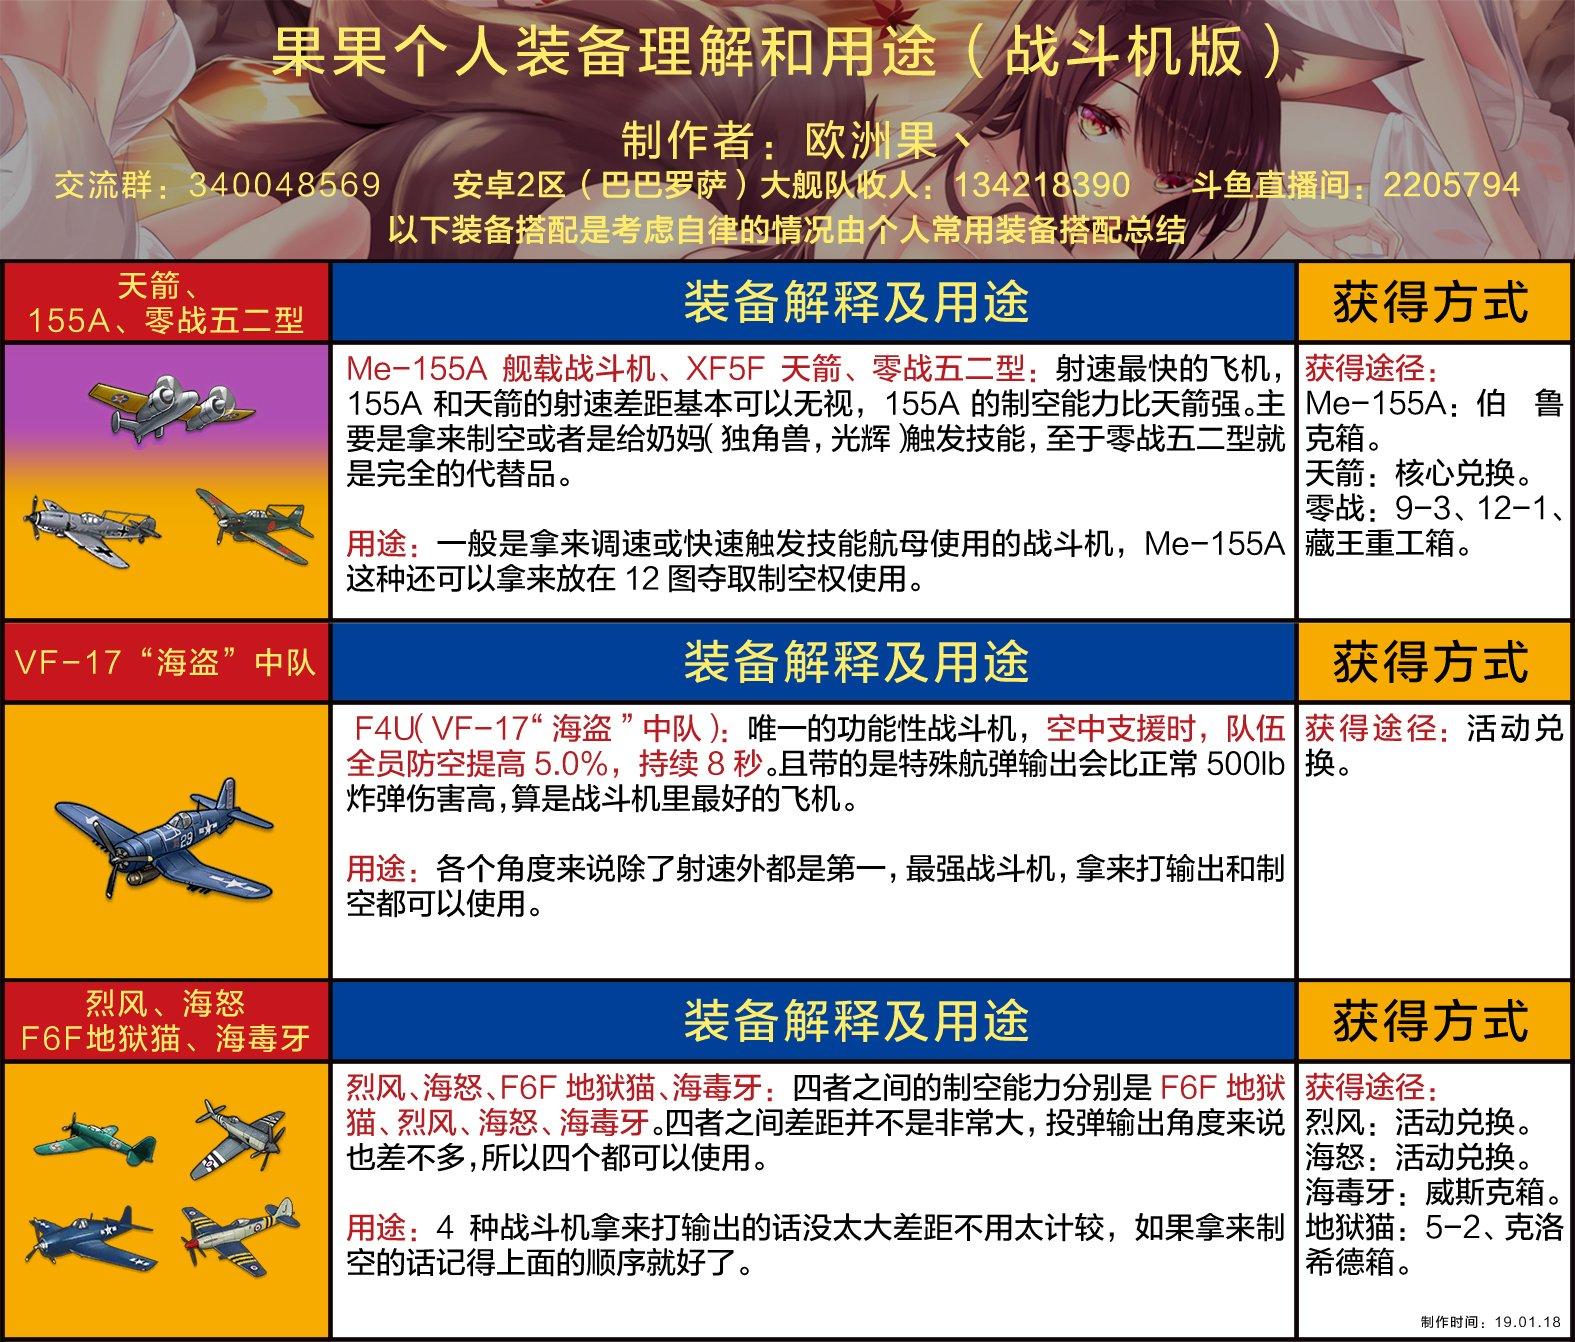 果果个人装备理解和用途(战斗机版wiki).jpg